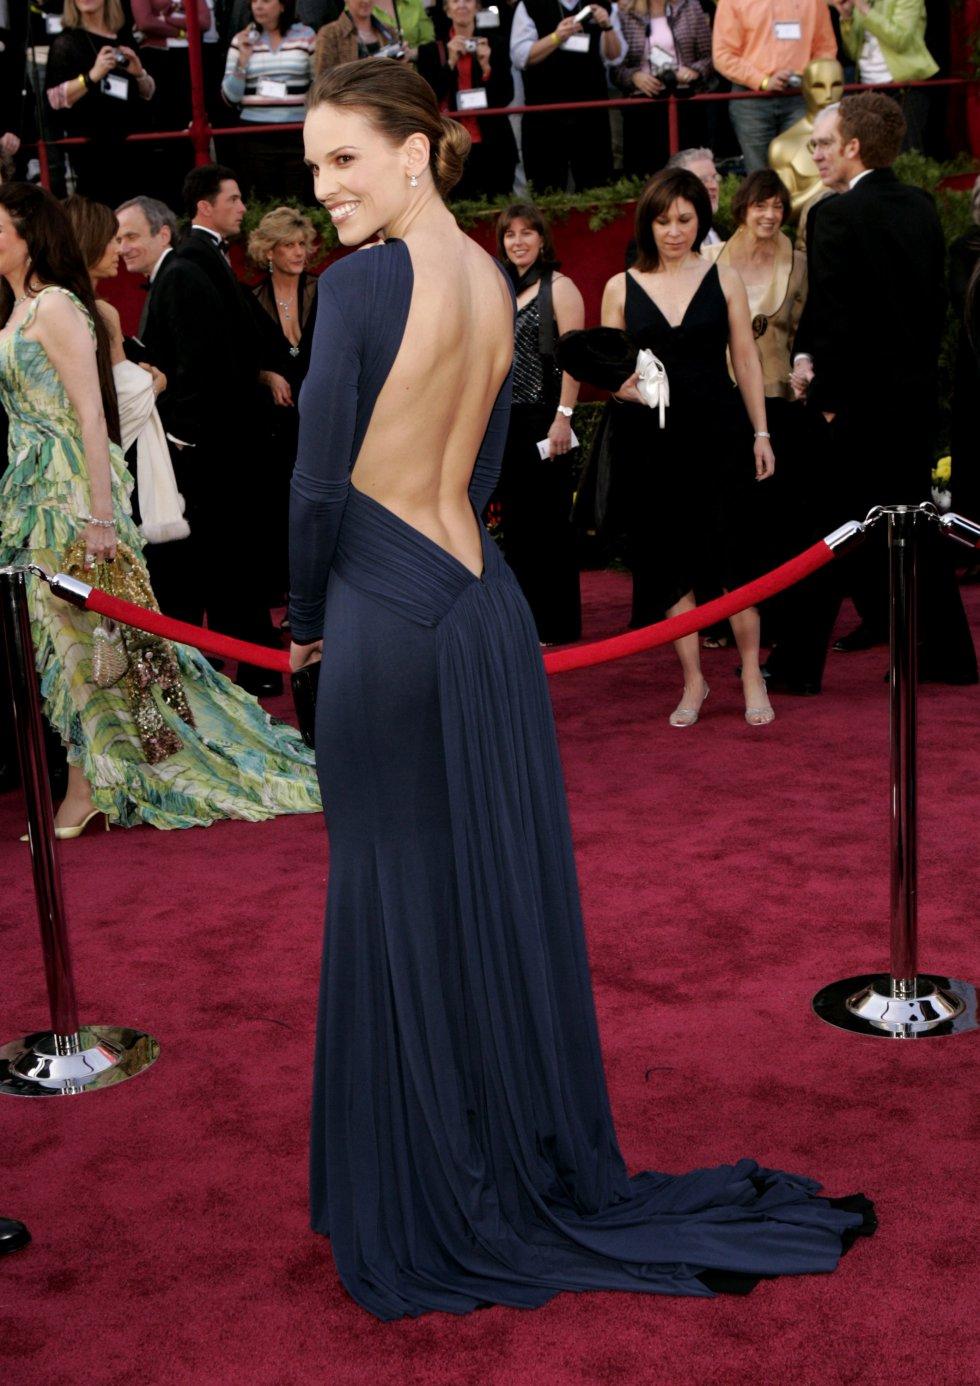 Hillary Swank, en los Oscar de 2005 apostó por un diseño azul marino con la espalda descubierta de Guy Laroche. Fue un éxito.